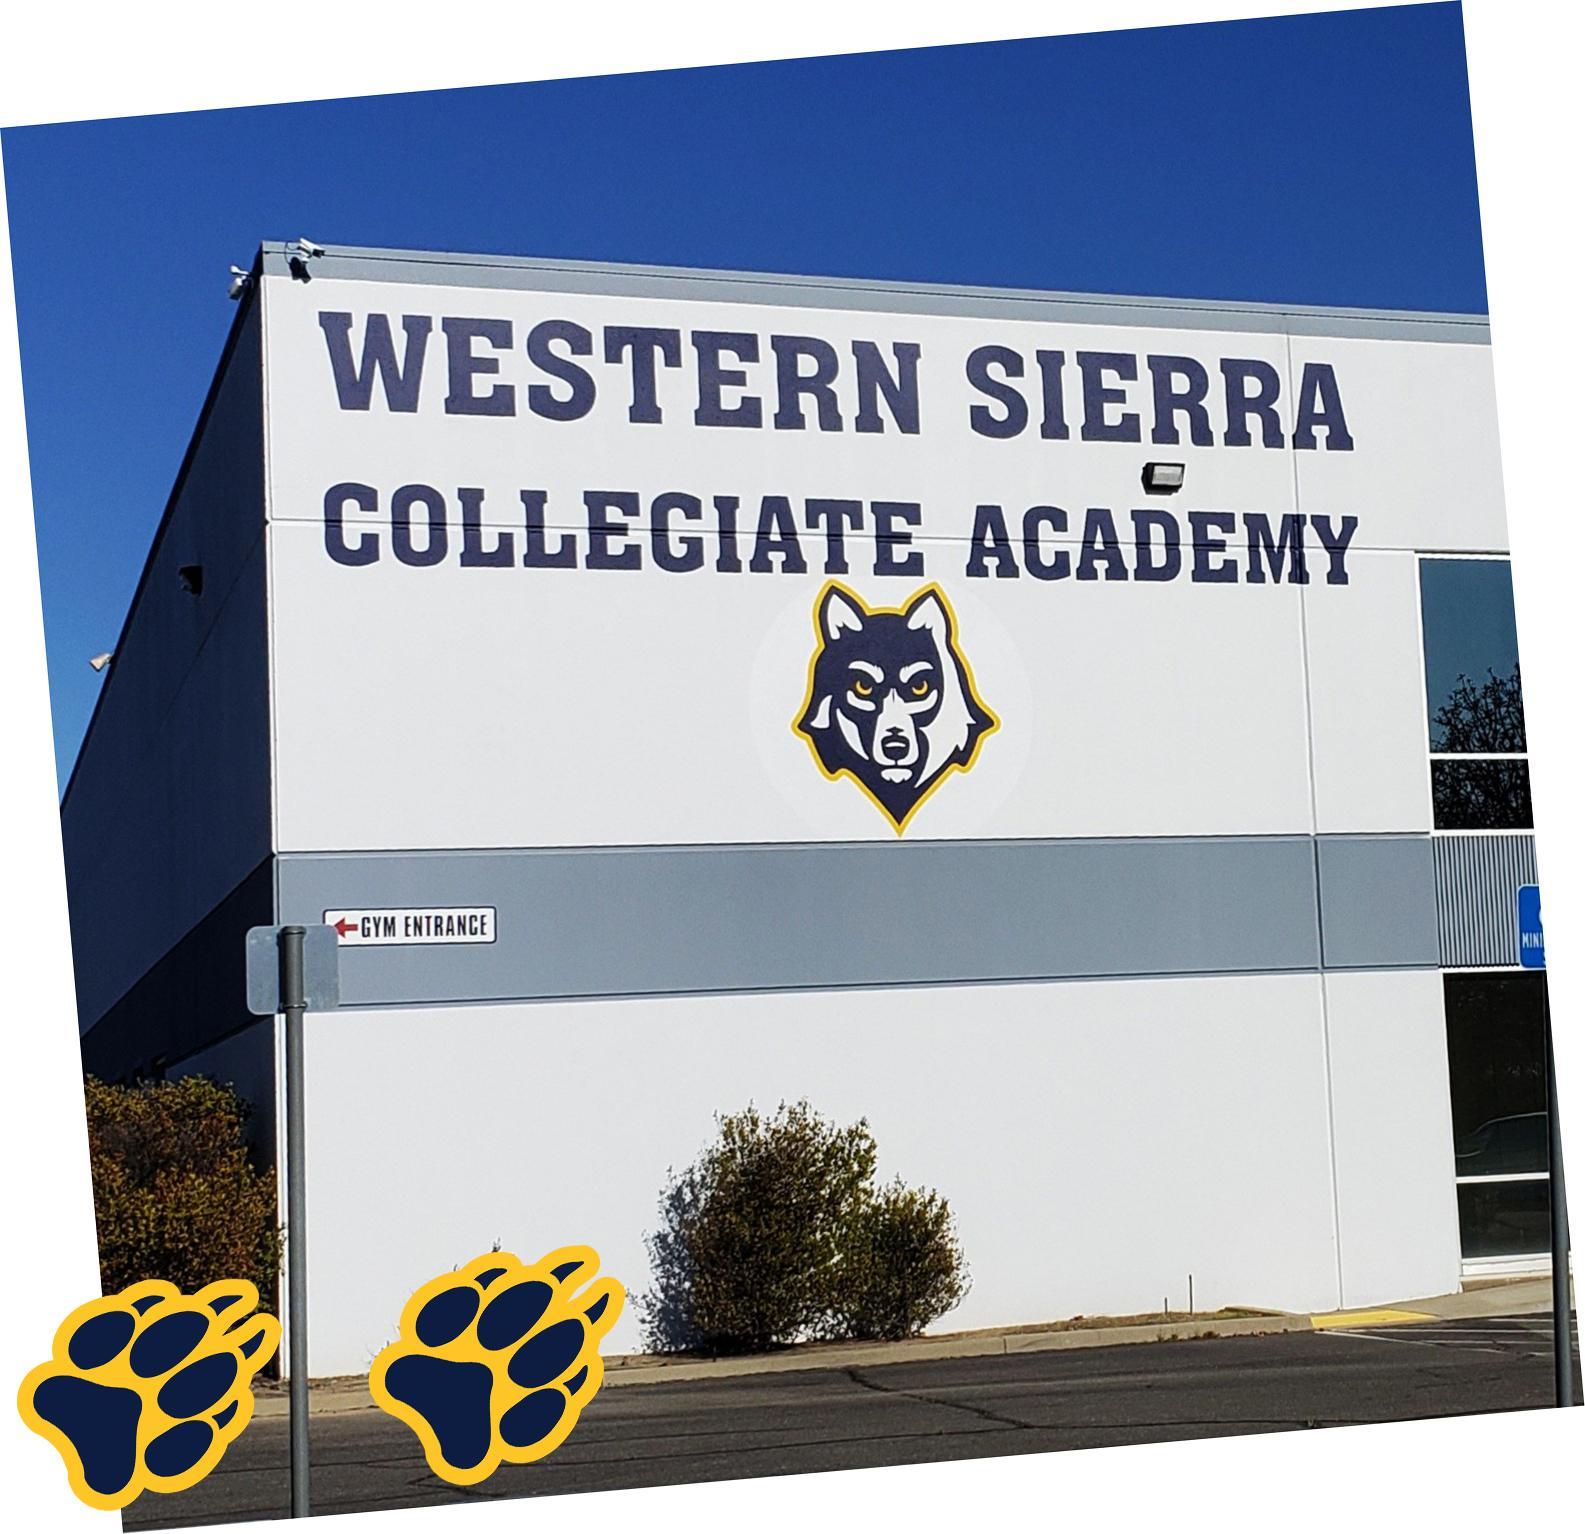 Western Sierra Collegiate Academy back entrance doors